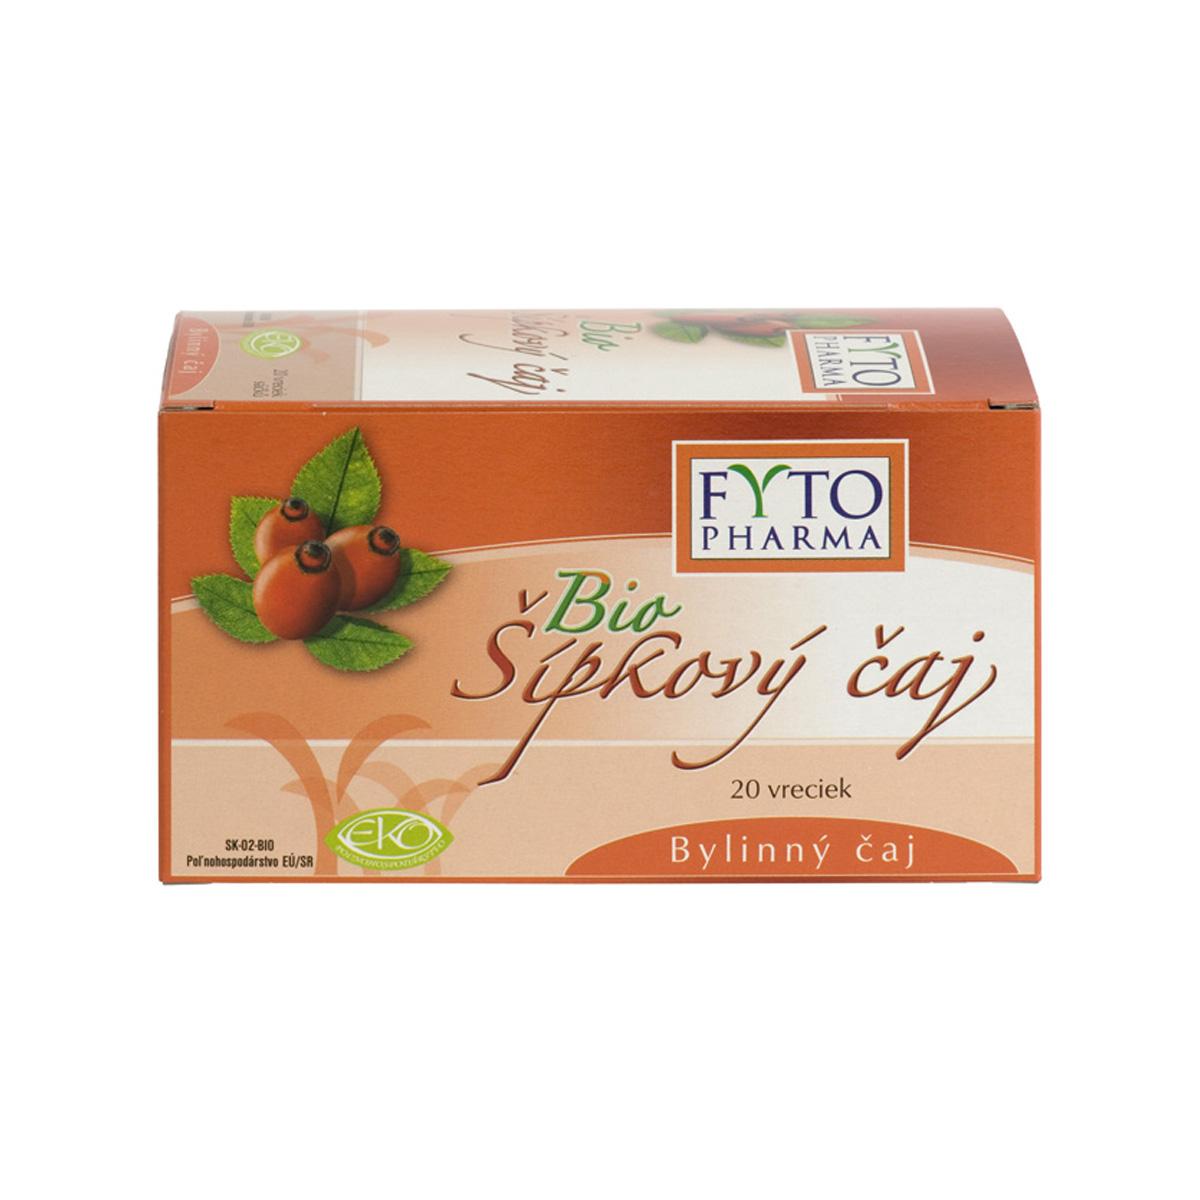 Fytopharma BIO Šípkový čaj 20 x 2 g